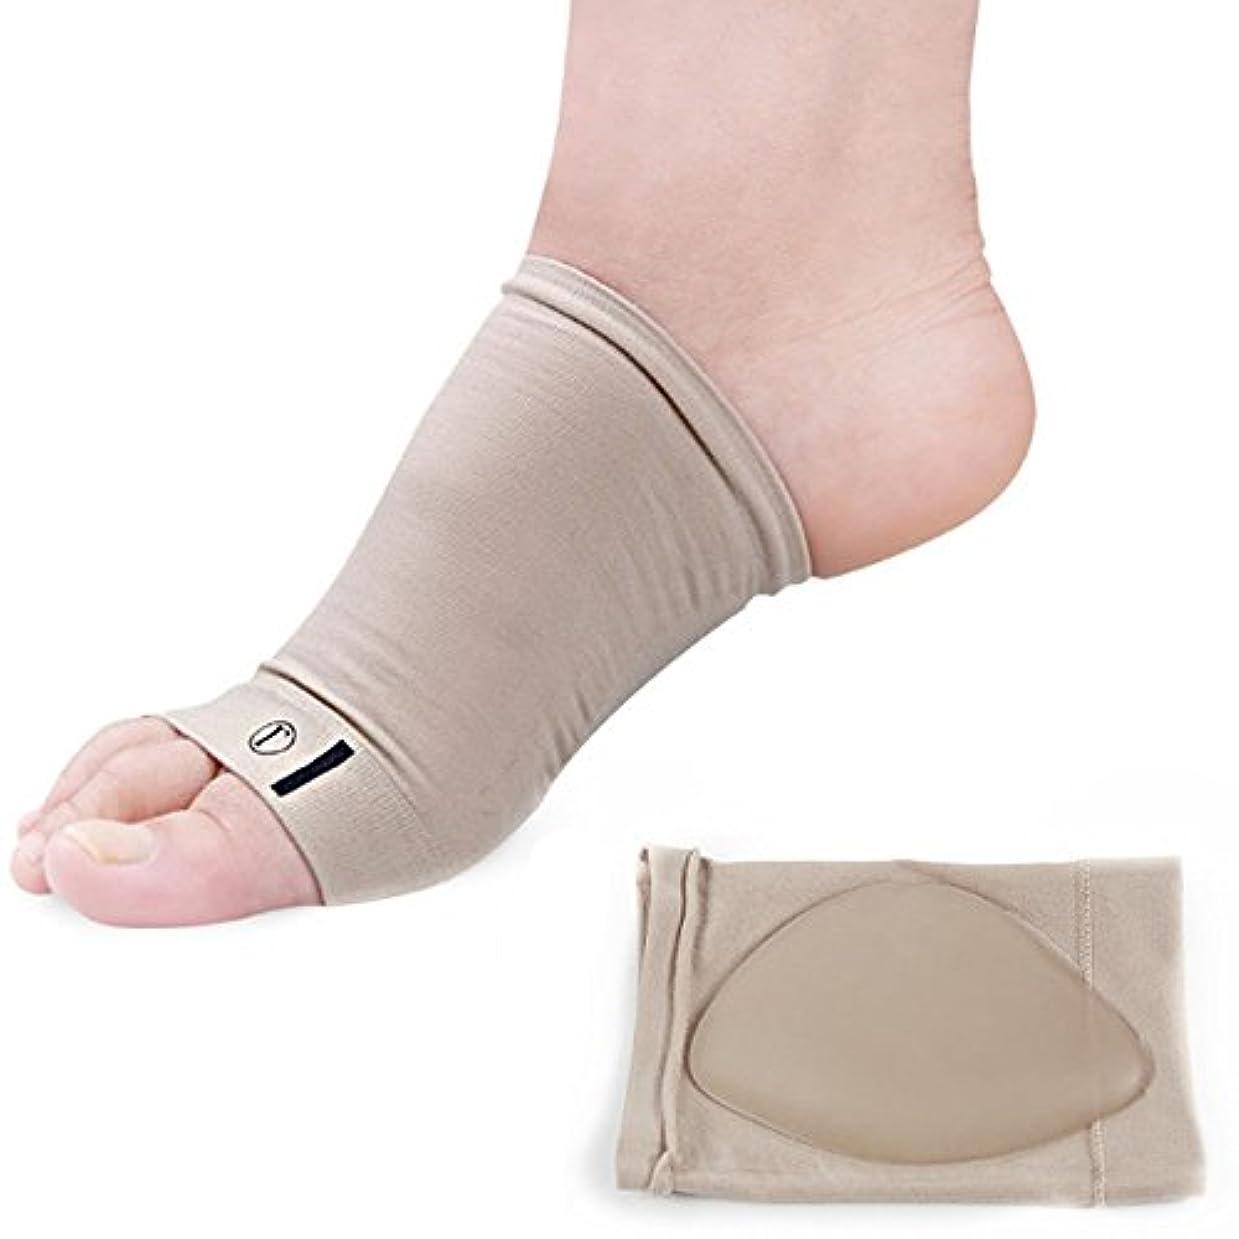 キャンパス原告劇場山の奥 足底筋膜炎 アーチサポーター 専用 シリコン インソール 衝撃吸収 足裏 足底の痛みを解消 左右セット 解消足裏パッド